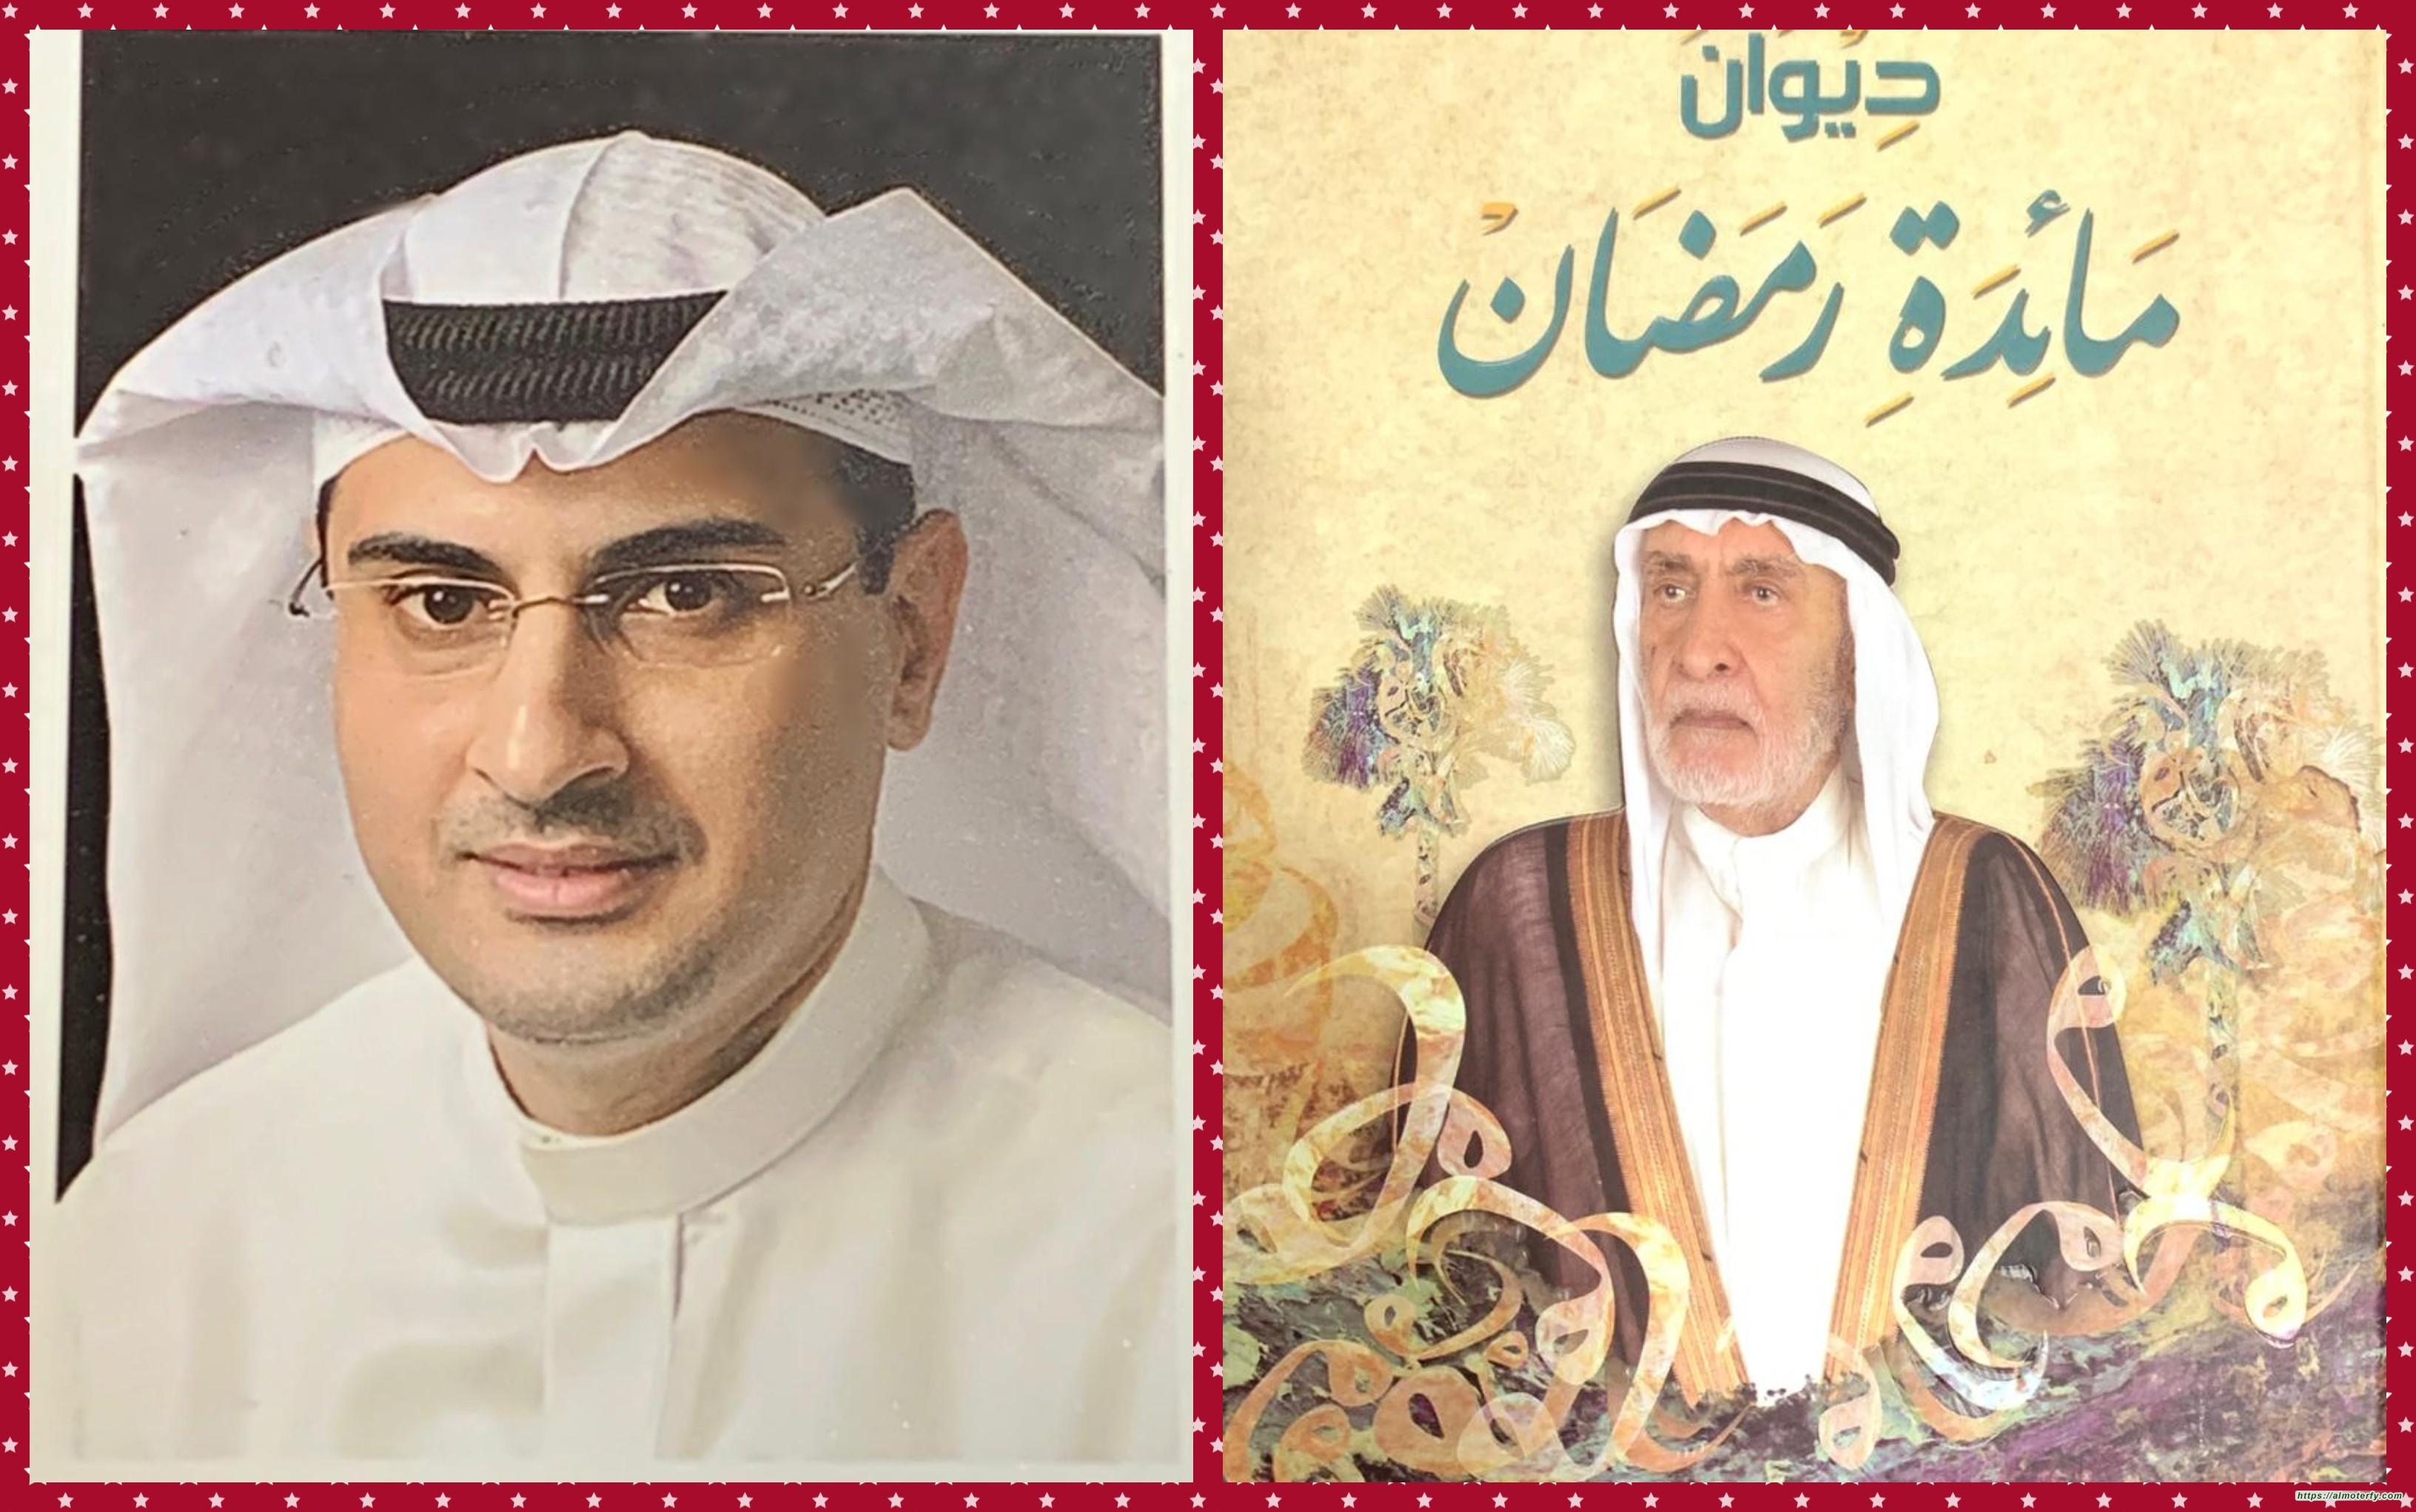 """على مائدة الشاعر الكبير  قراءة في ديوان """"مائدة رمضان """" للشاعر الأديب الحاج محمد حسين الرمضان"""